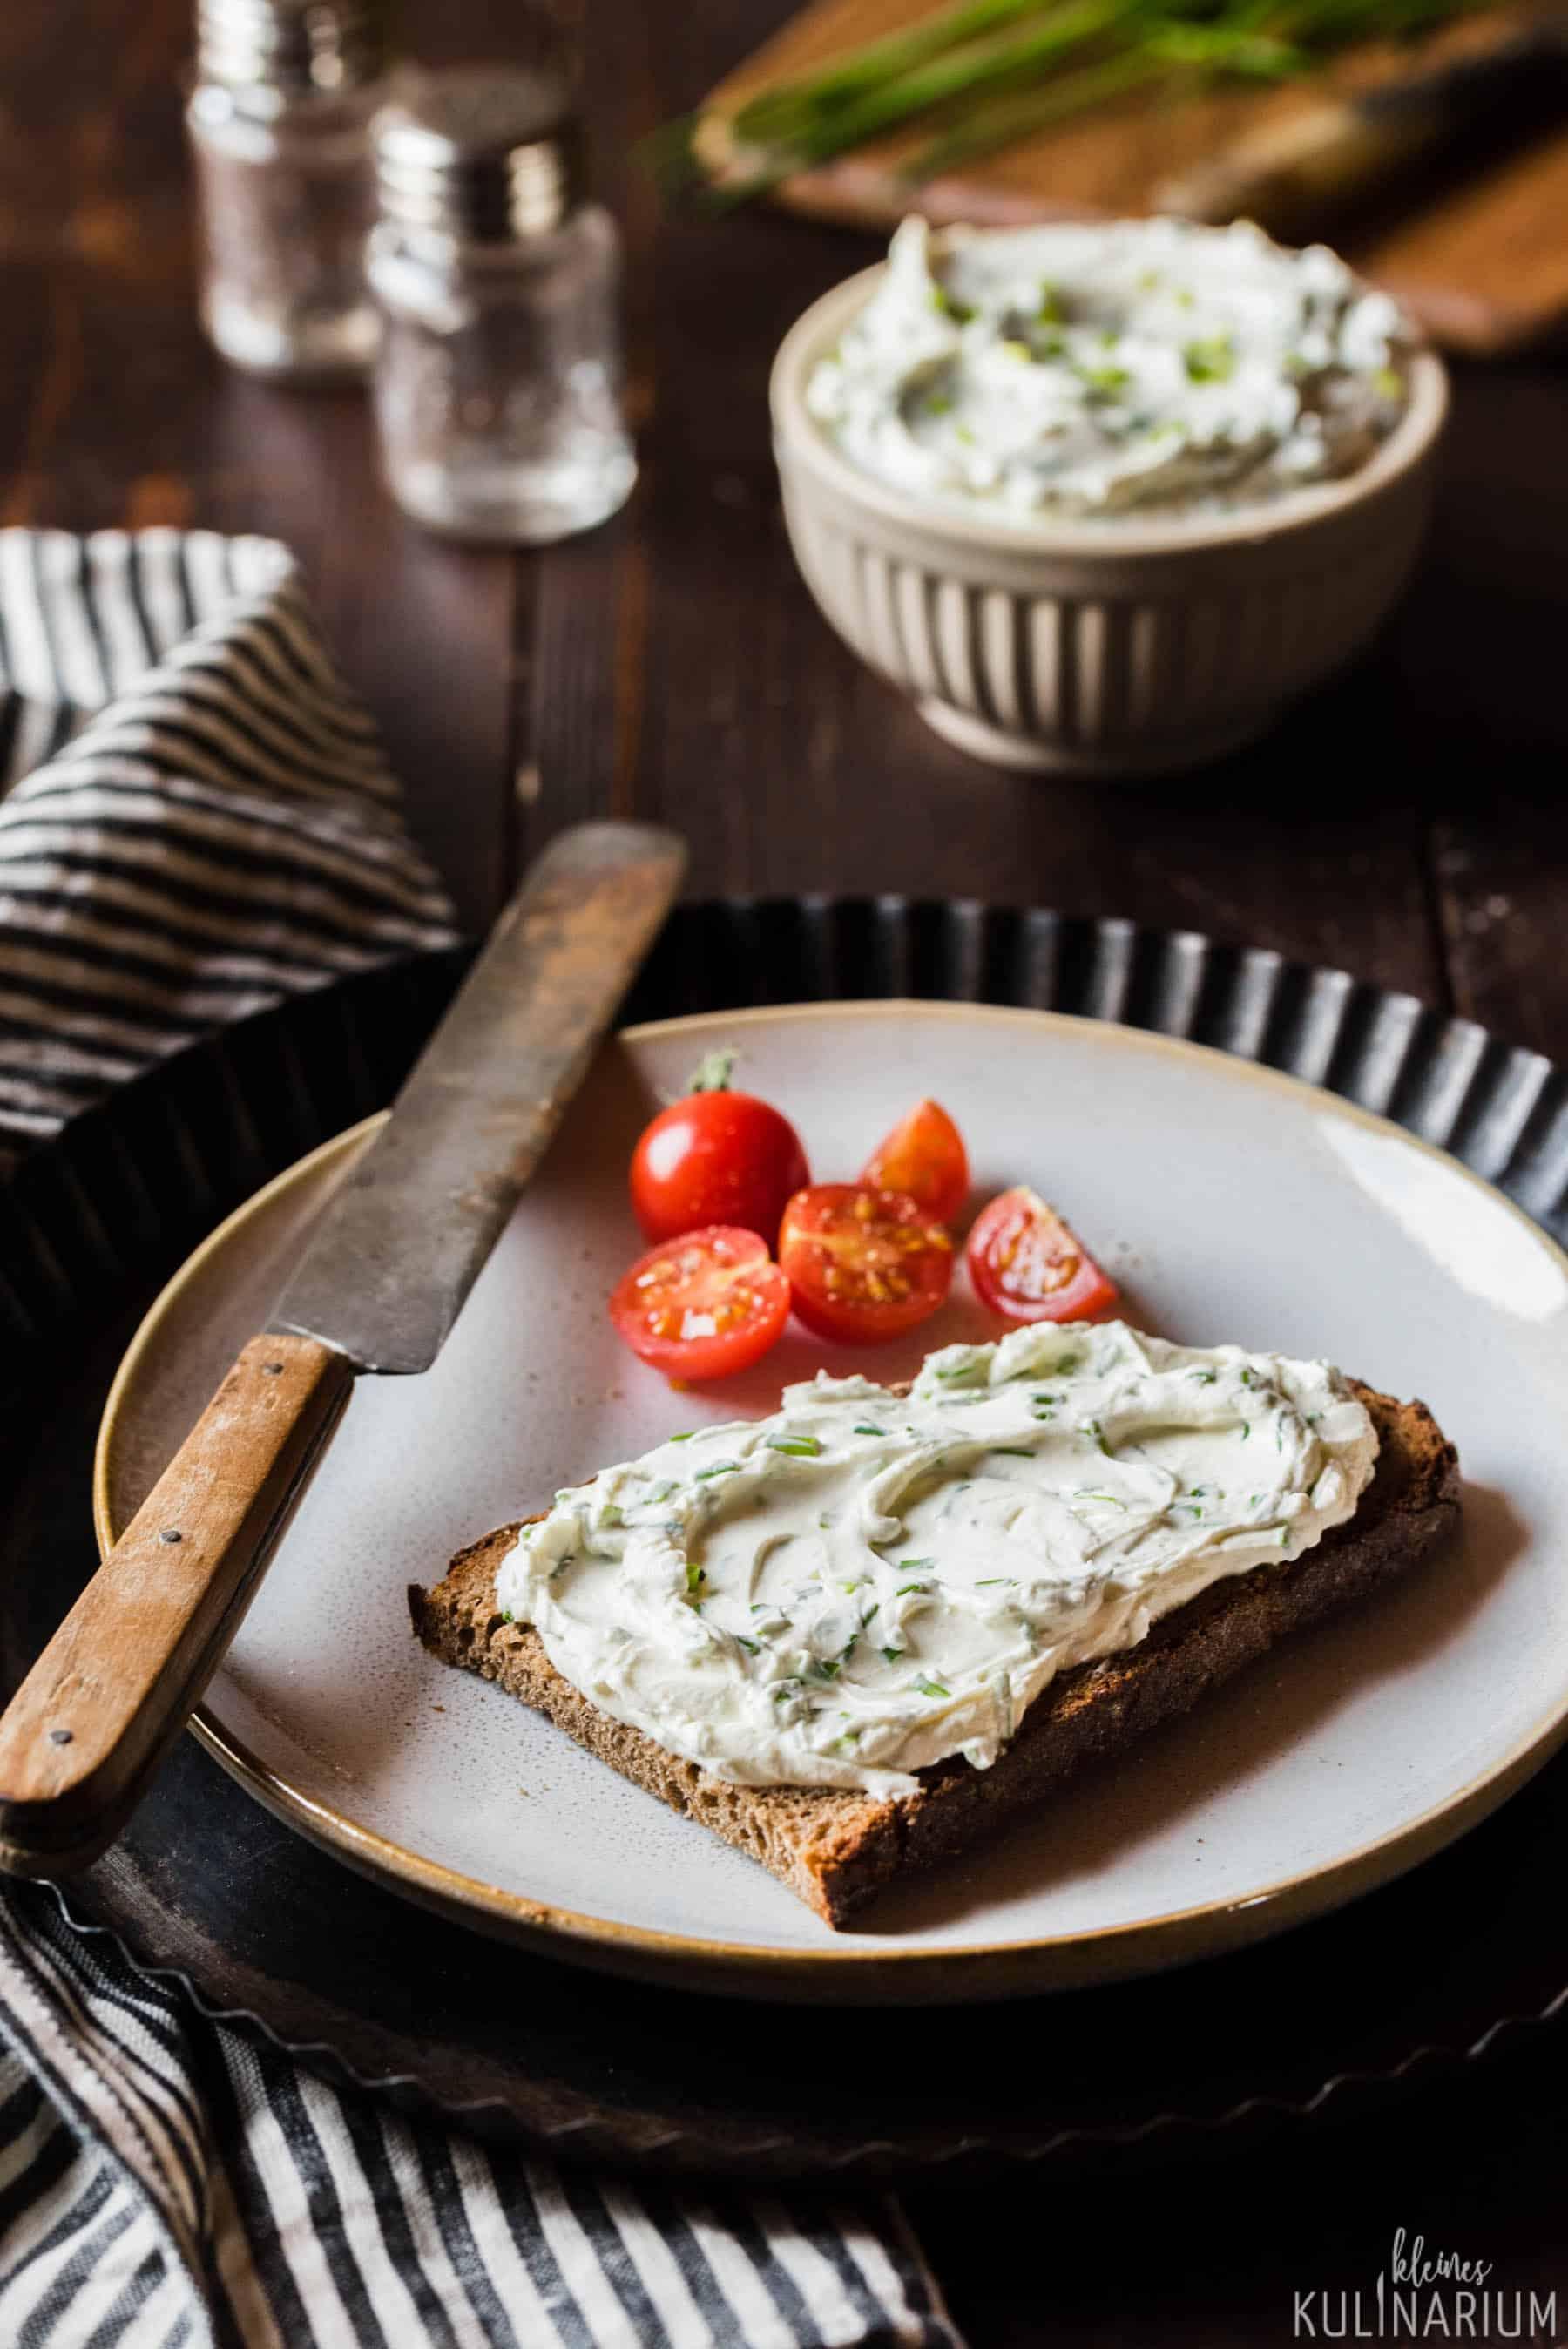 Selbstgemachter Kräuterfrischkäse und meine YULA-Pflanzgefäße - Kleines Kulinarium